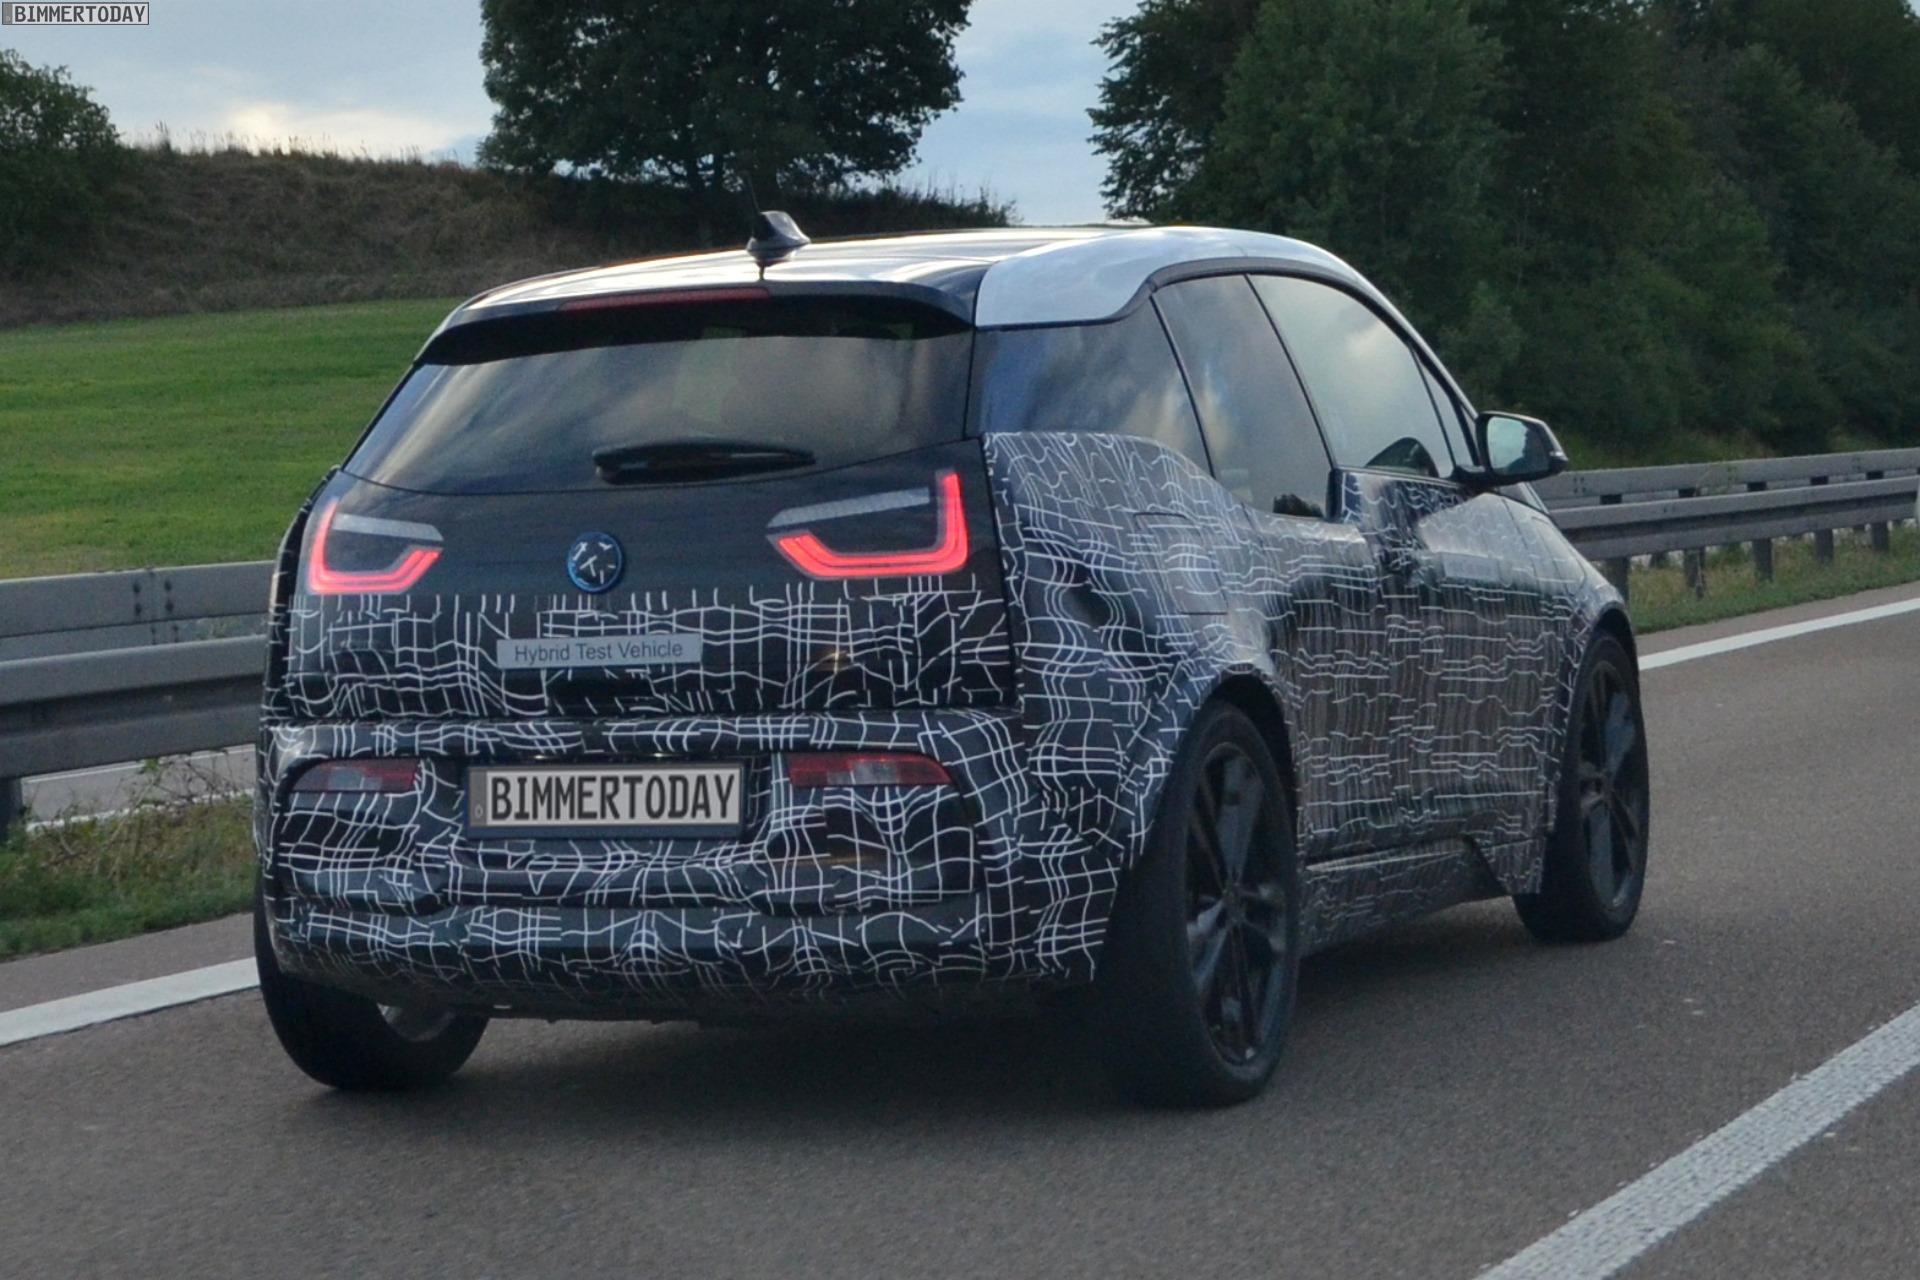 Bmw I3 S 2017 Facelift Erlkonig Mit Breiterer Spur Erwischt